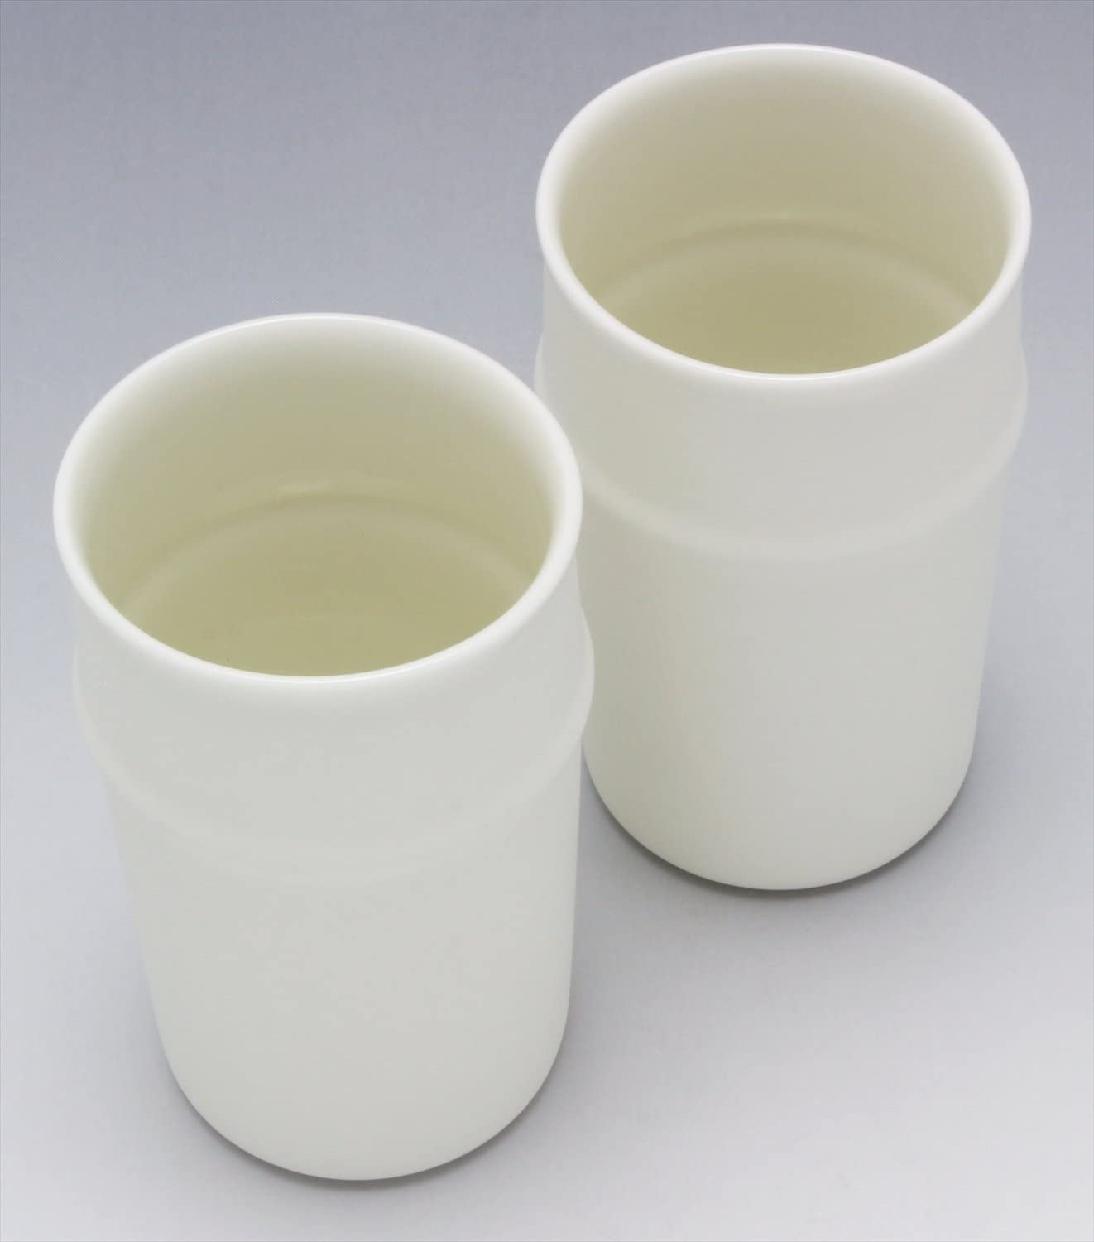 玉有(Gyokuyu) ペア ビール杯 (化粧箱入) 11635の商品画像3